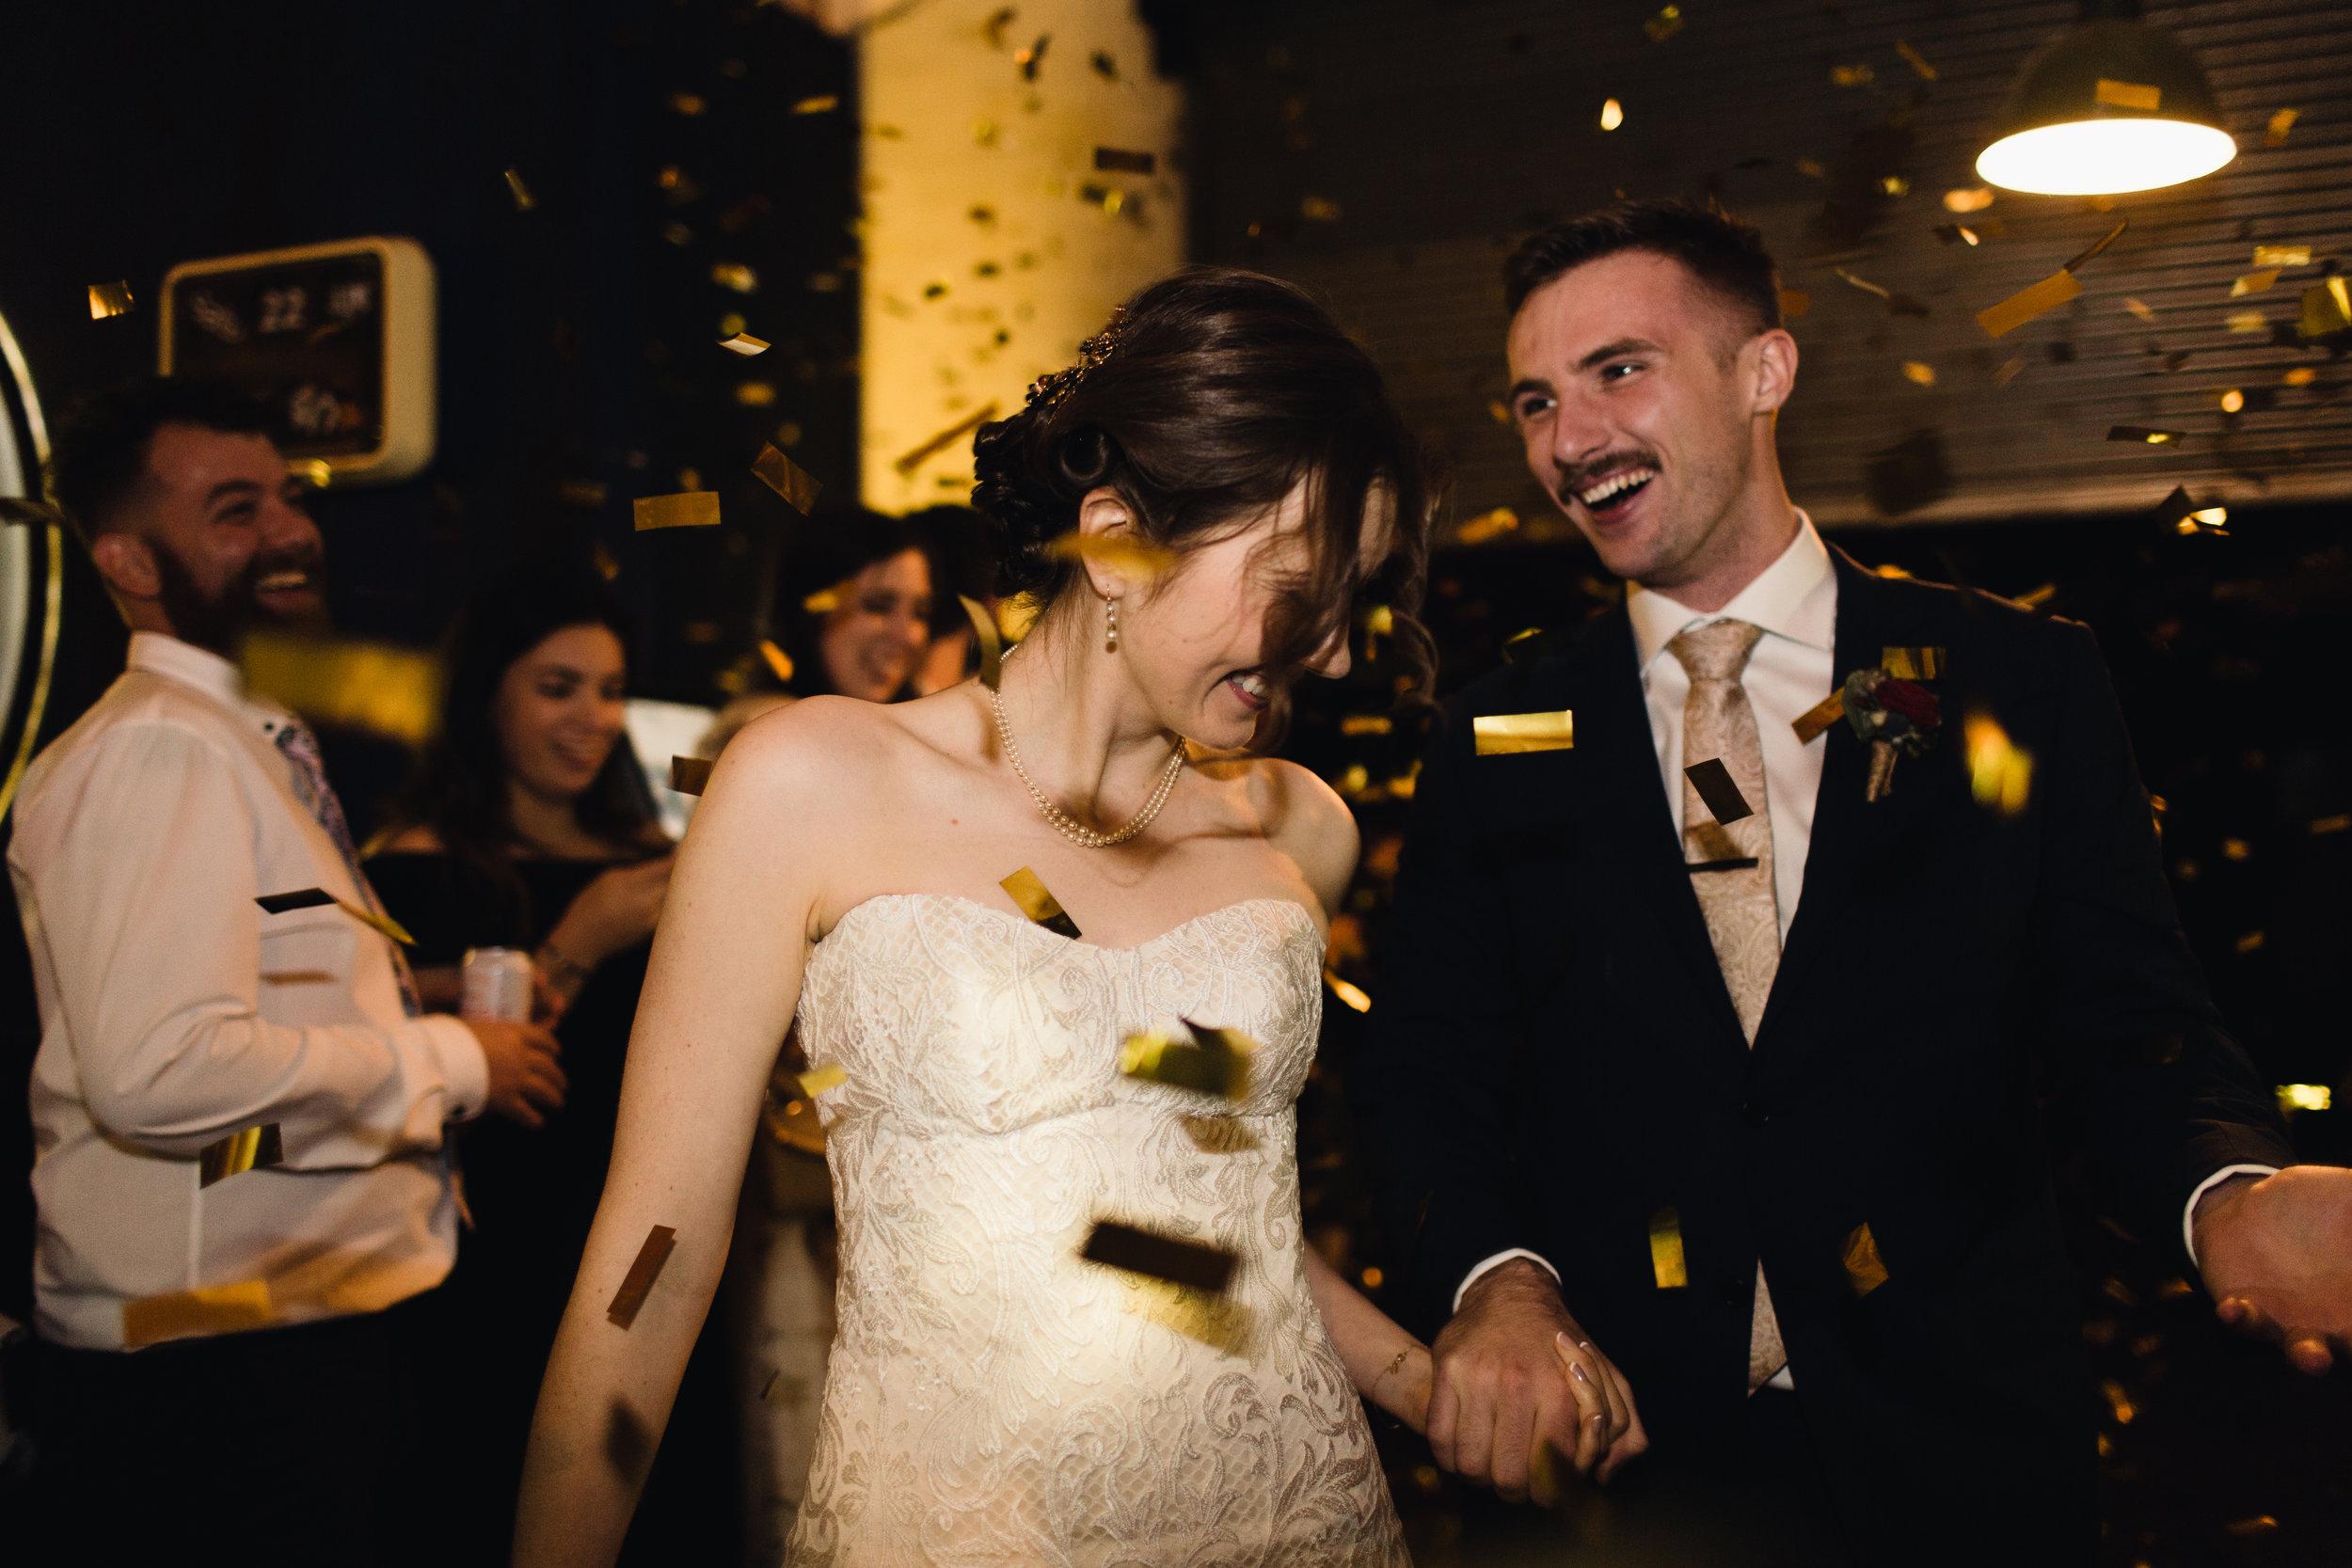 17-04-22_CASS_HUGO_WEDDING_DIG_NEGS-0517.jpg